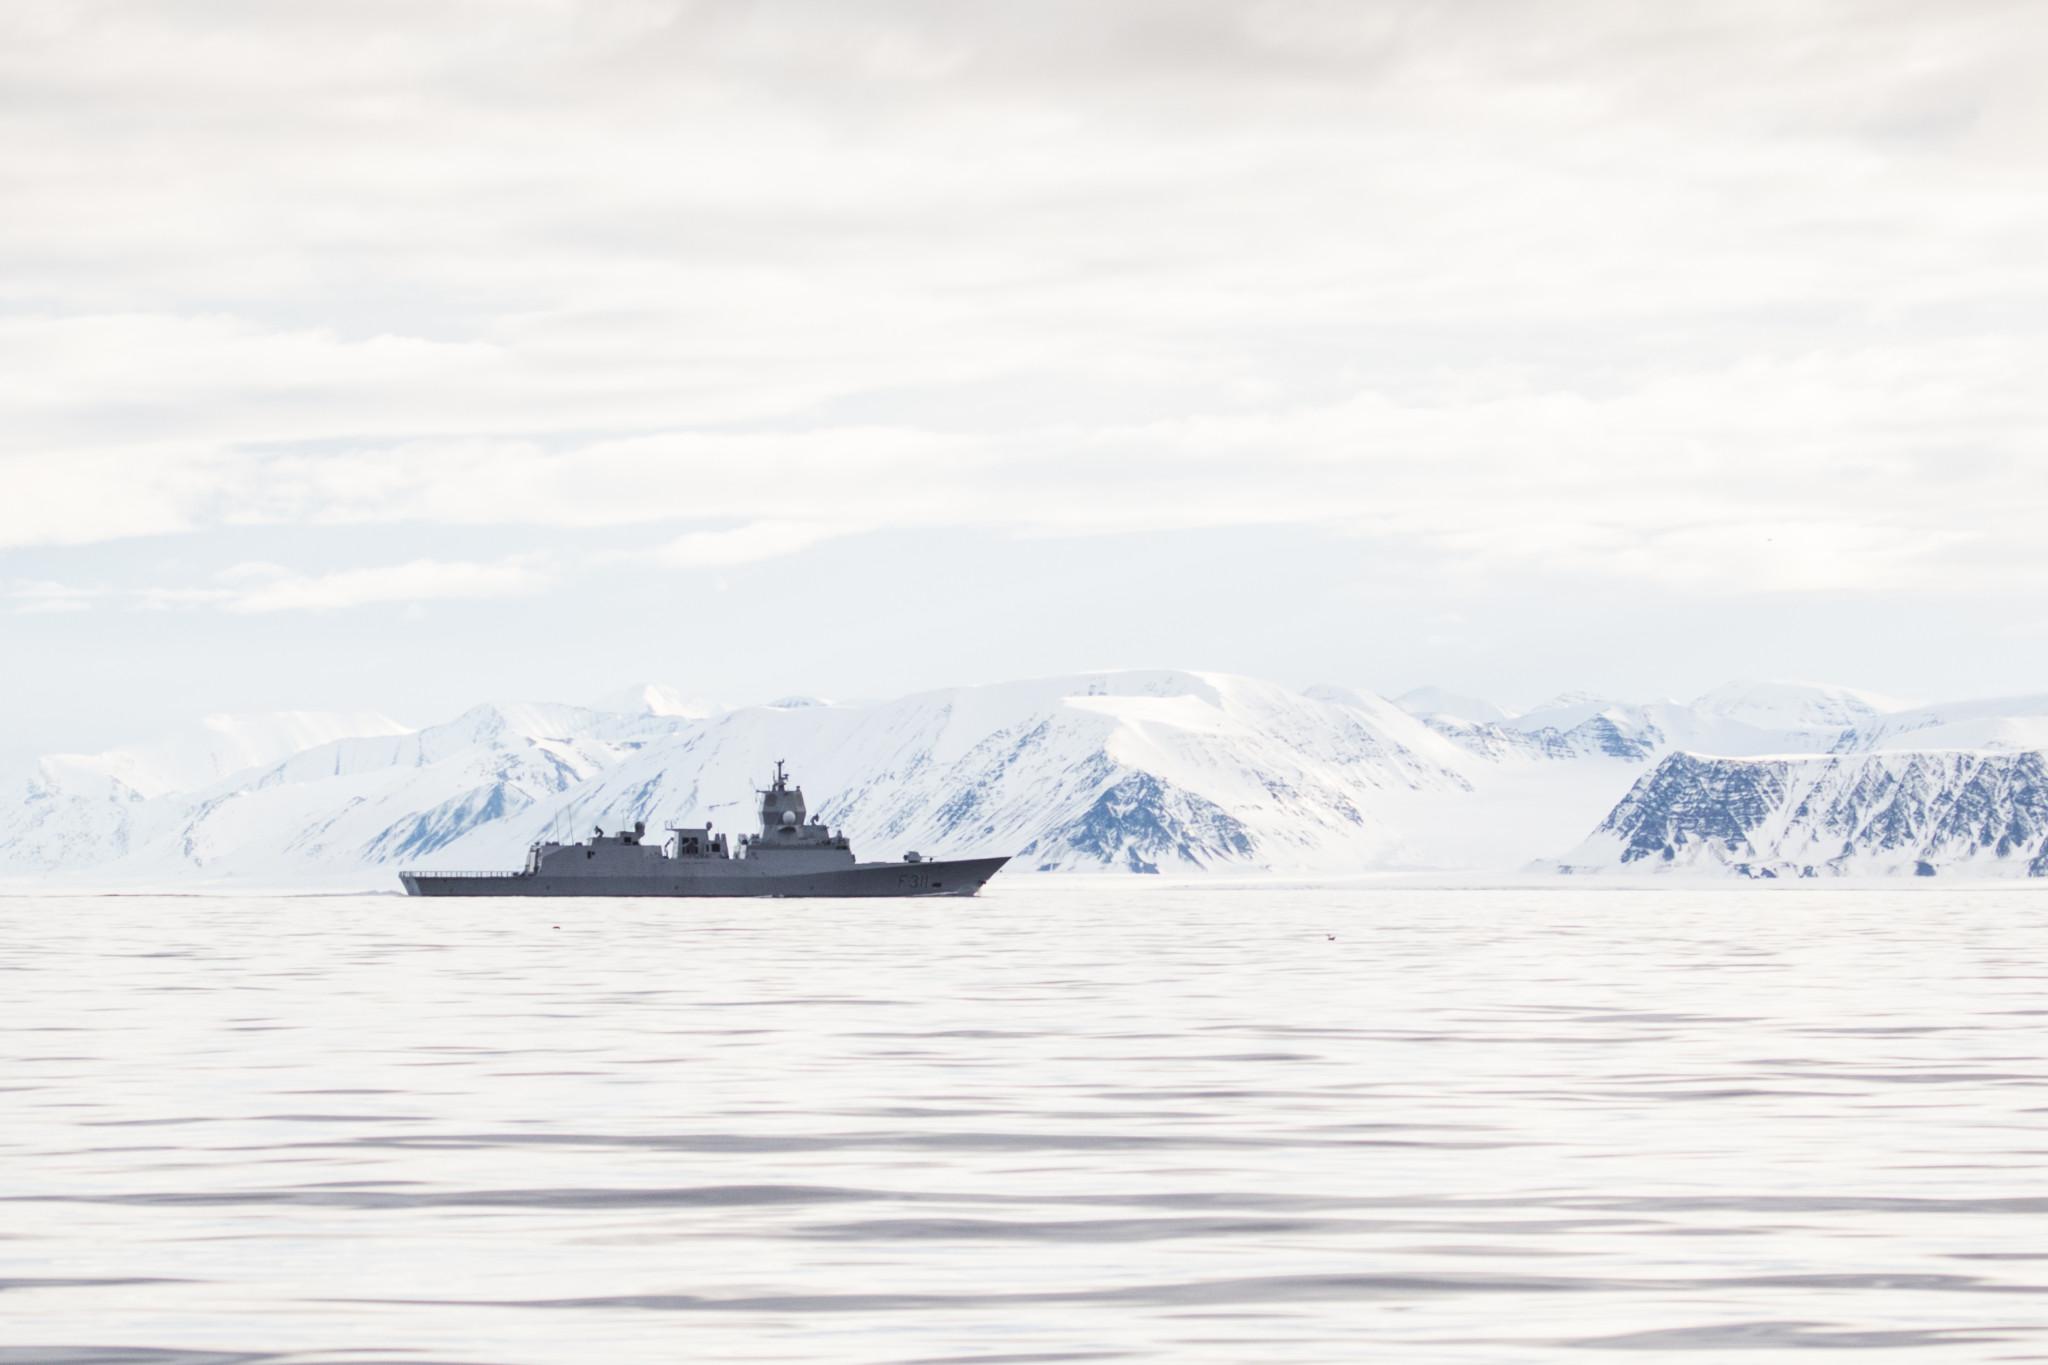 Vil tilby bredbånd i arktis – regjeringen vil bidra